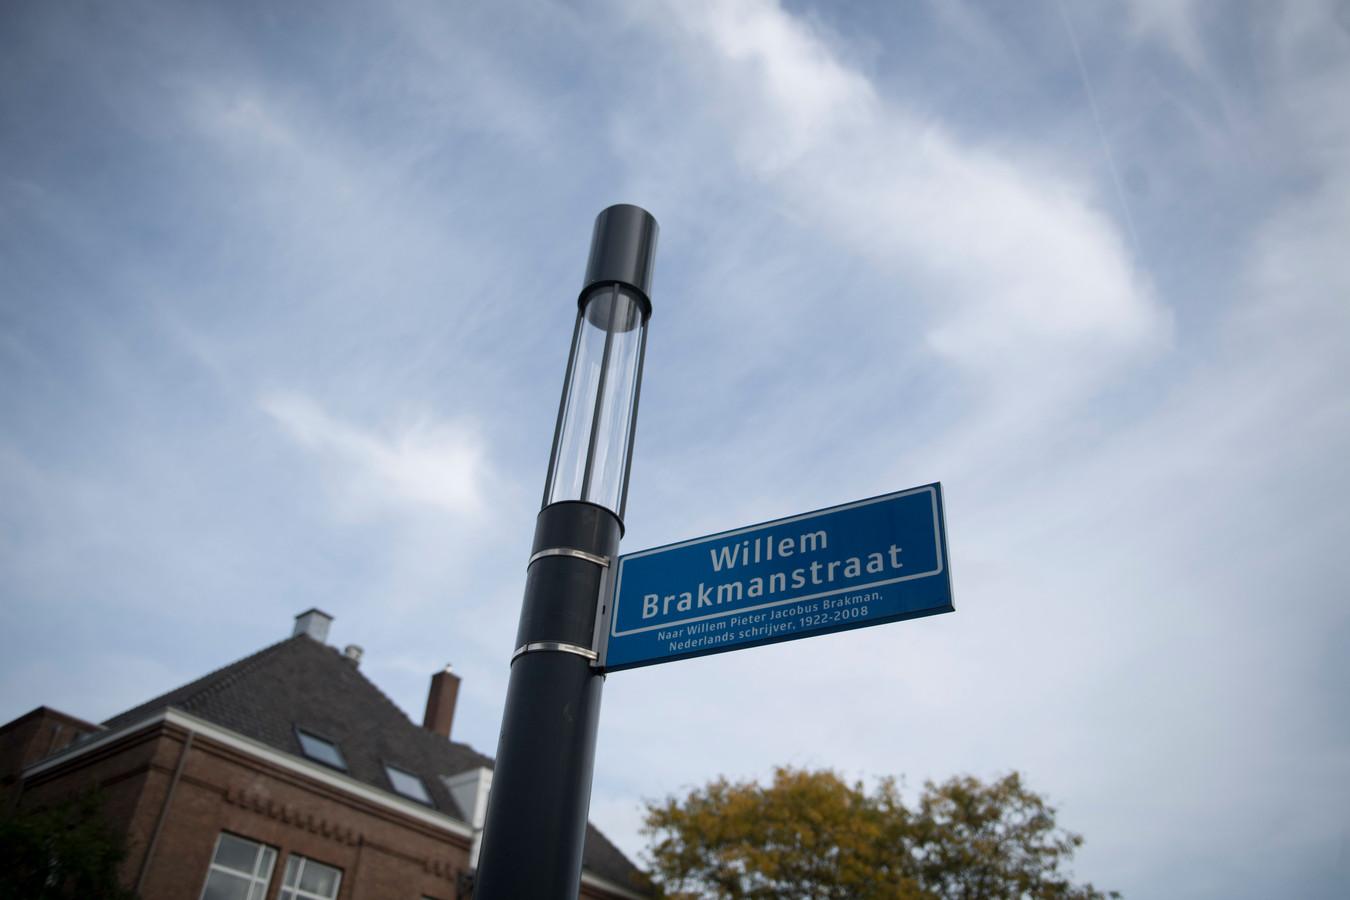 Willem Brakmanstraat